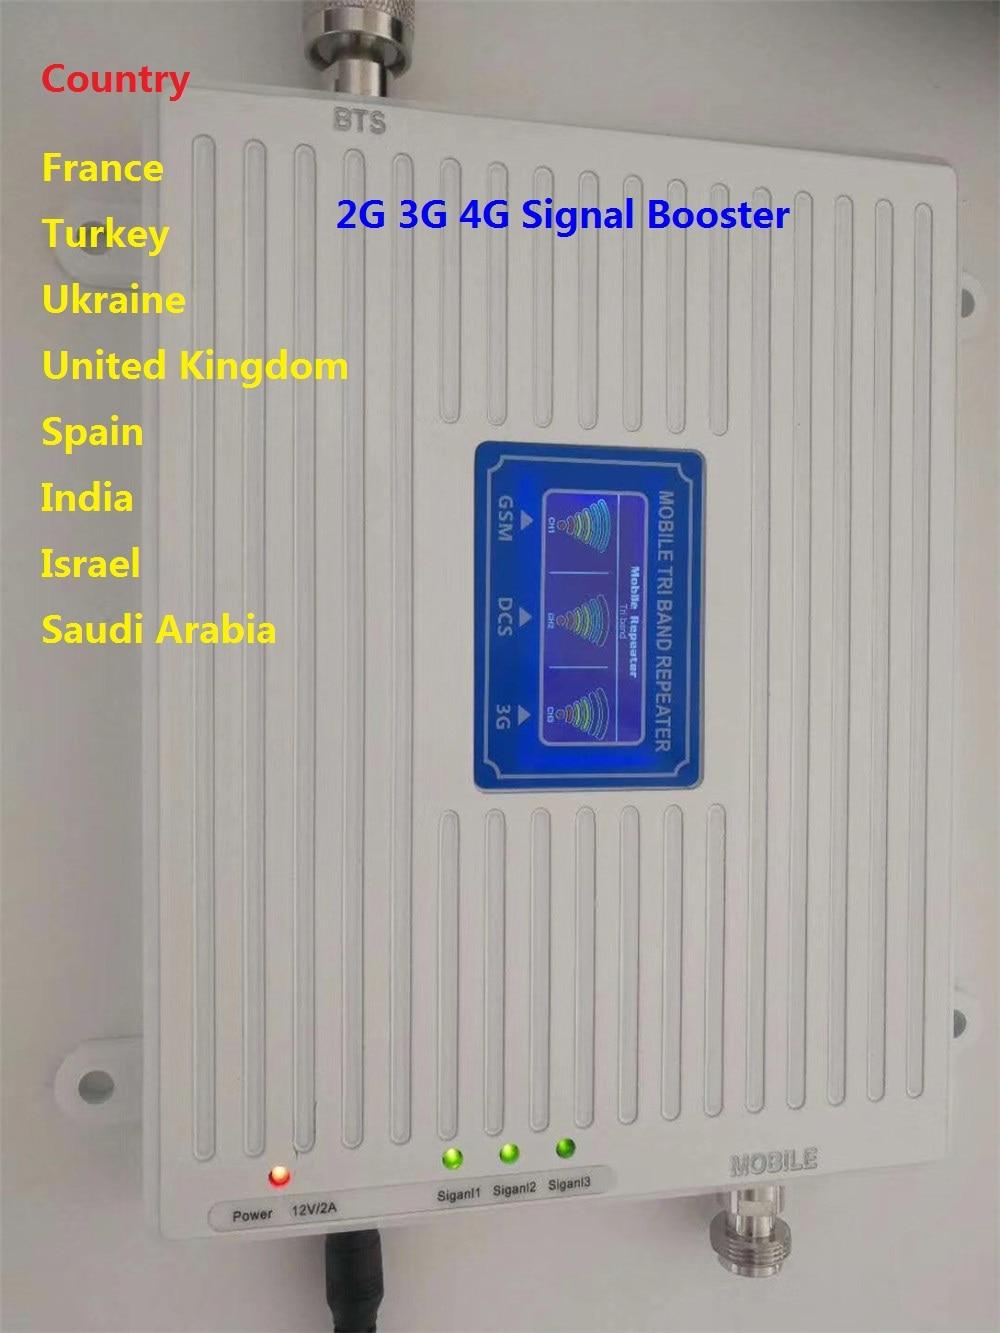 AMPLIFICADOR DE señal GSM 900 MHz LTE 1800 MHz UMTS 2100 MHz 2G 3G 4g Tri Band teléfono móvil amplificador de señal repetidor de señal móvil